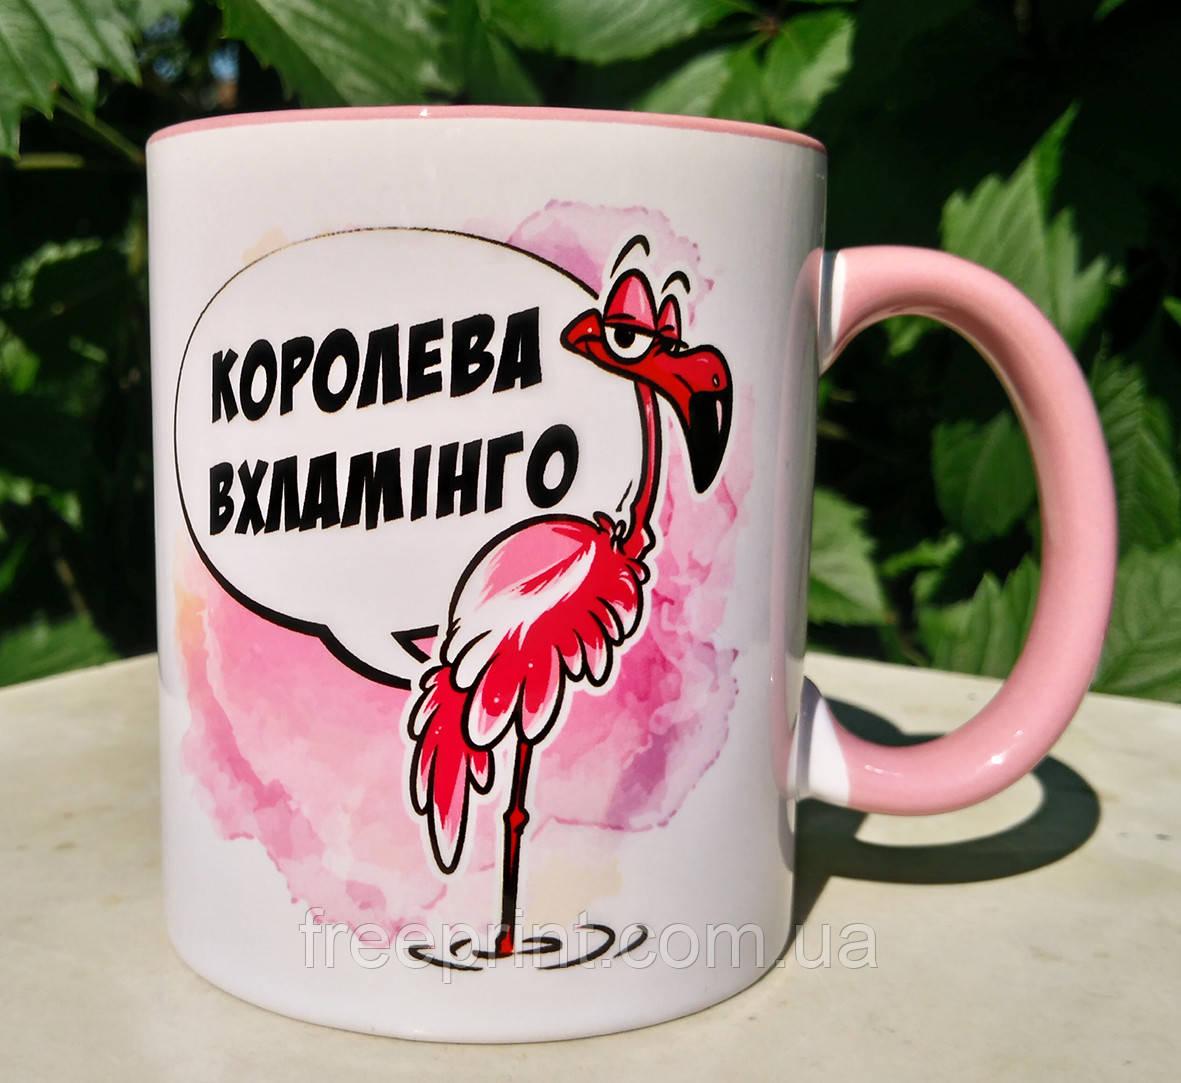 """Чашка-прикол """"Королева вхламінго"""". Подарочная чашка для девушки.18+"""